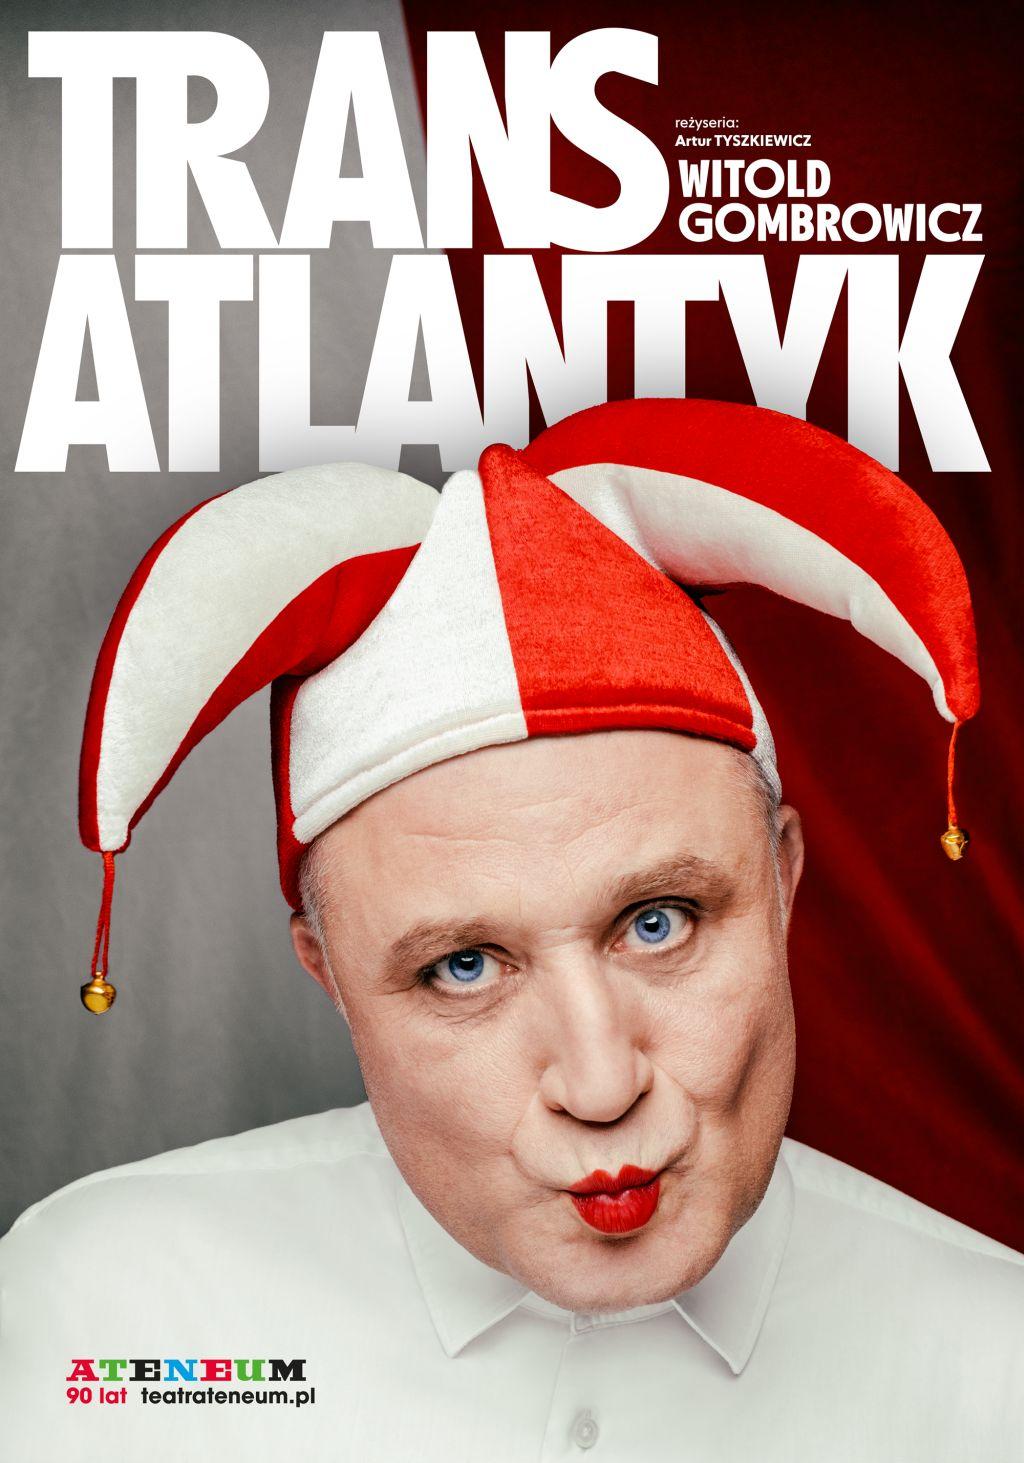 """Witold Gombrowicz, """"Trans-Atlantyk"""", reż. Artur Tyszkiewicz (źródło: materiały prasowe teatru)"""